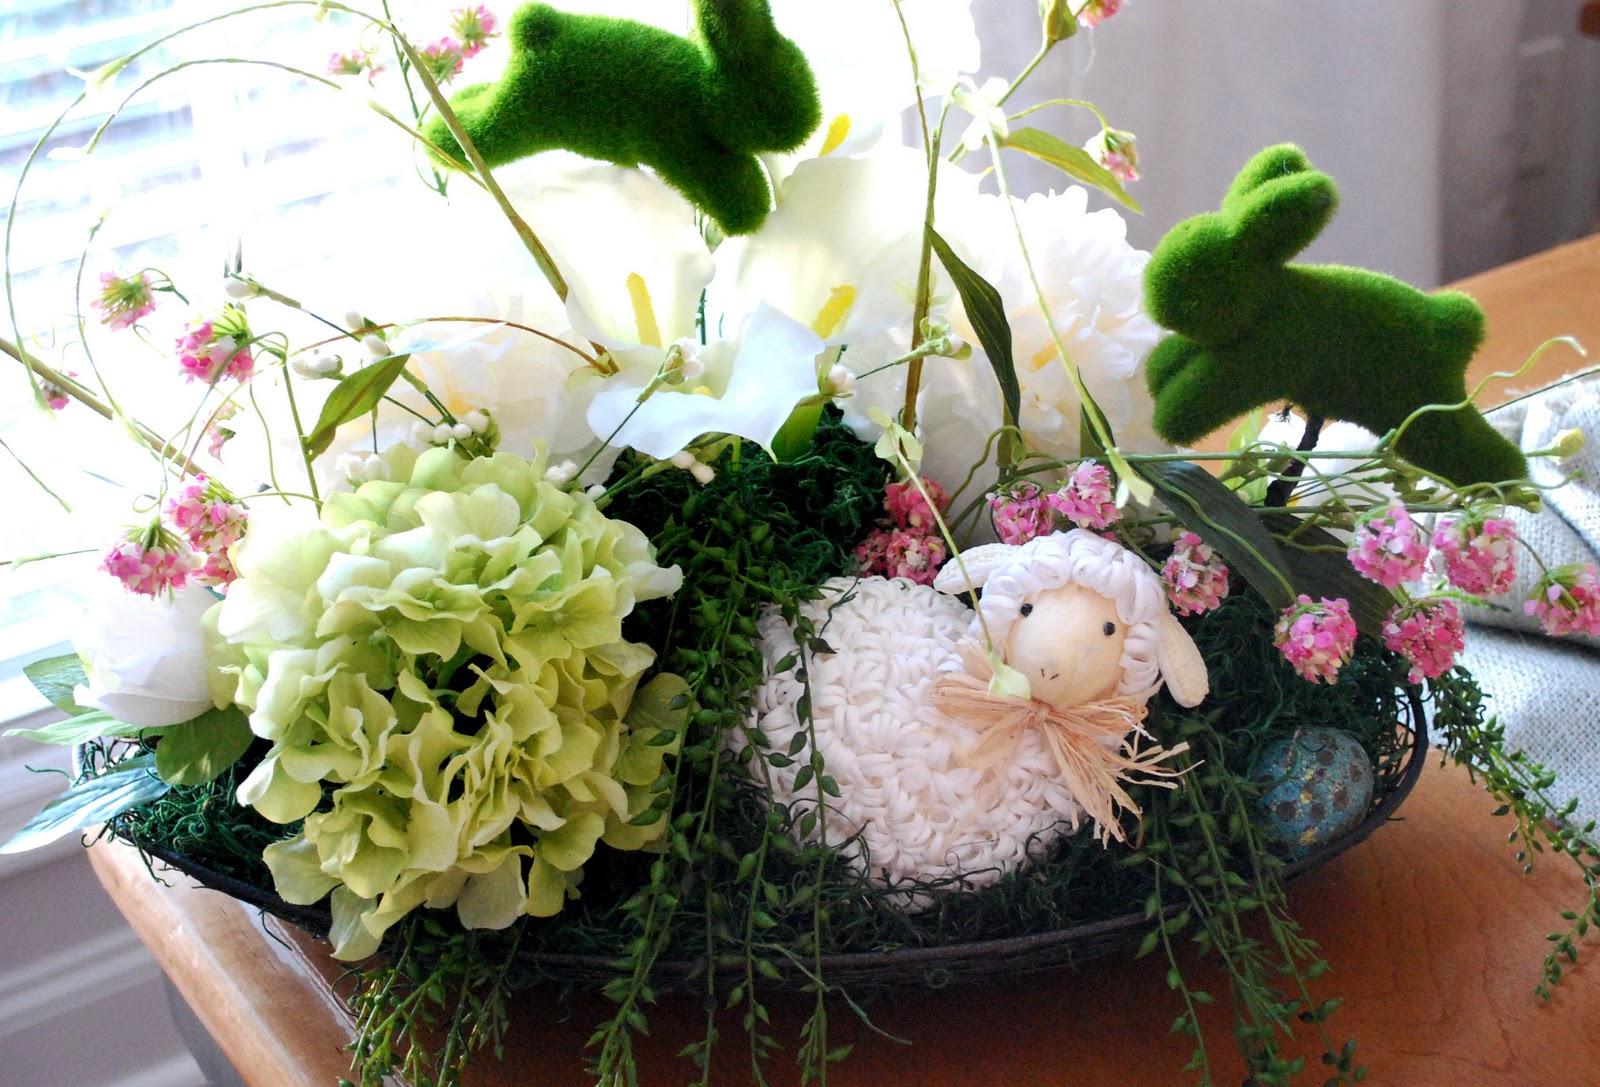 Pasqua alle porte. I 10 fiori più belli per decorare la casa e la tavola